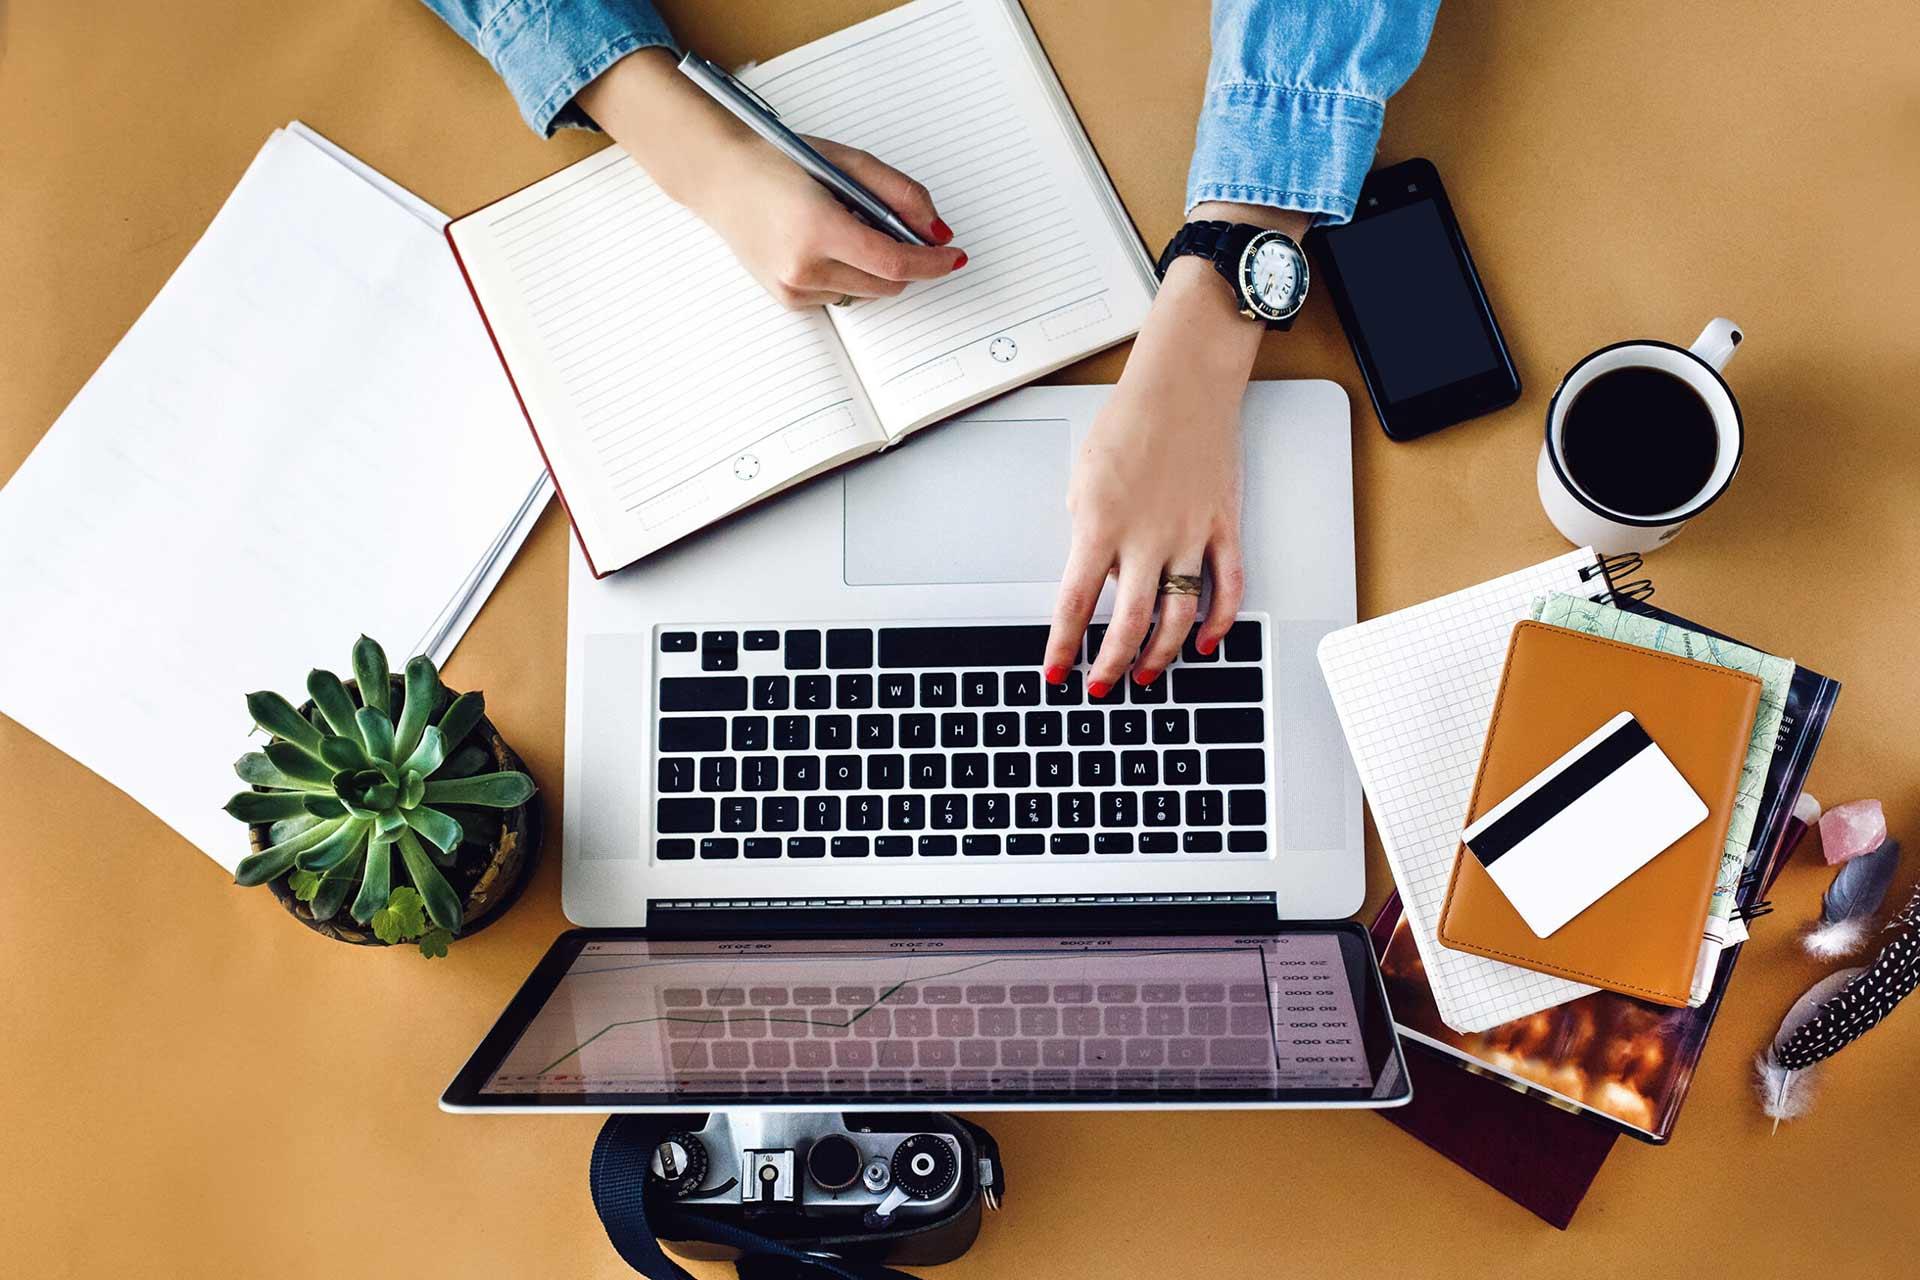 Бесплатный вебинар: Как писать интересно? 14 хитростей рекламного текста